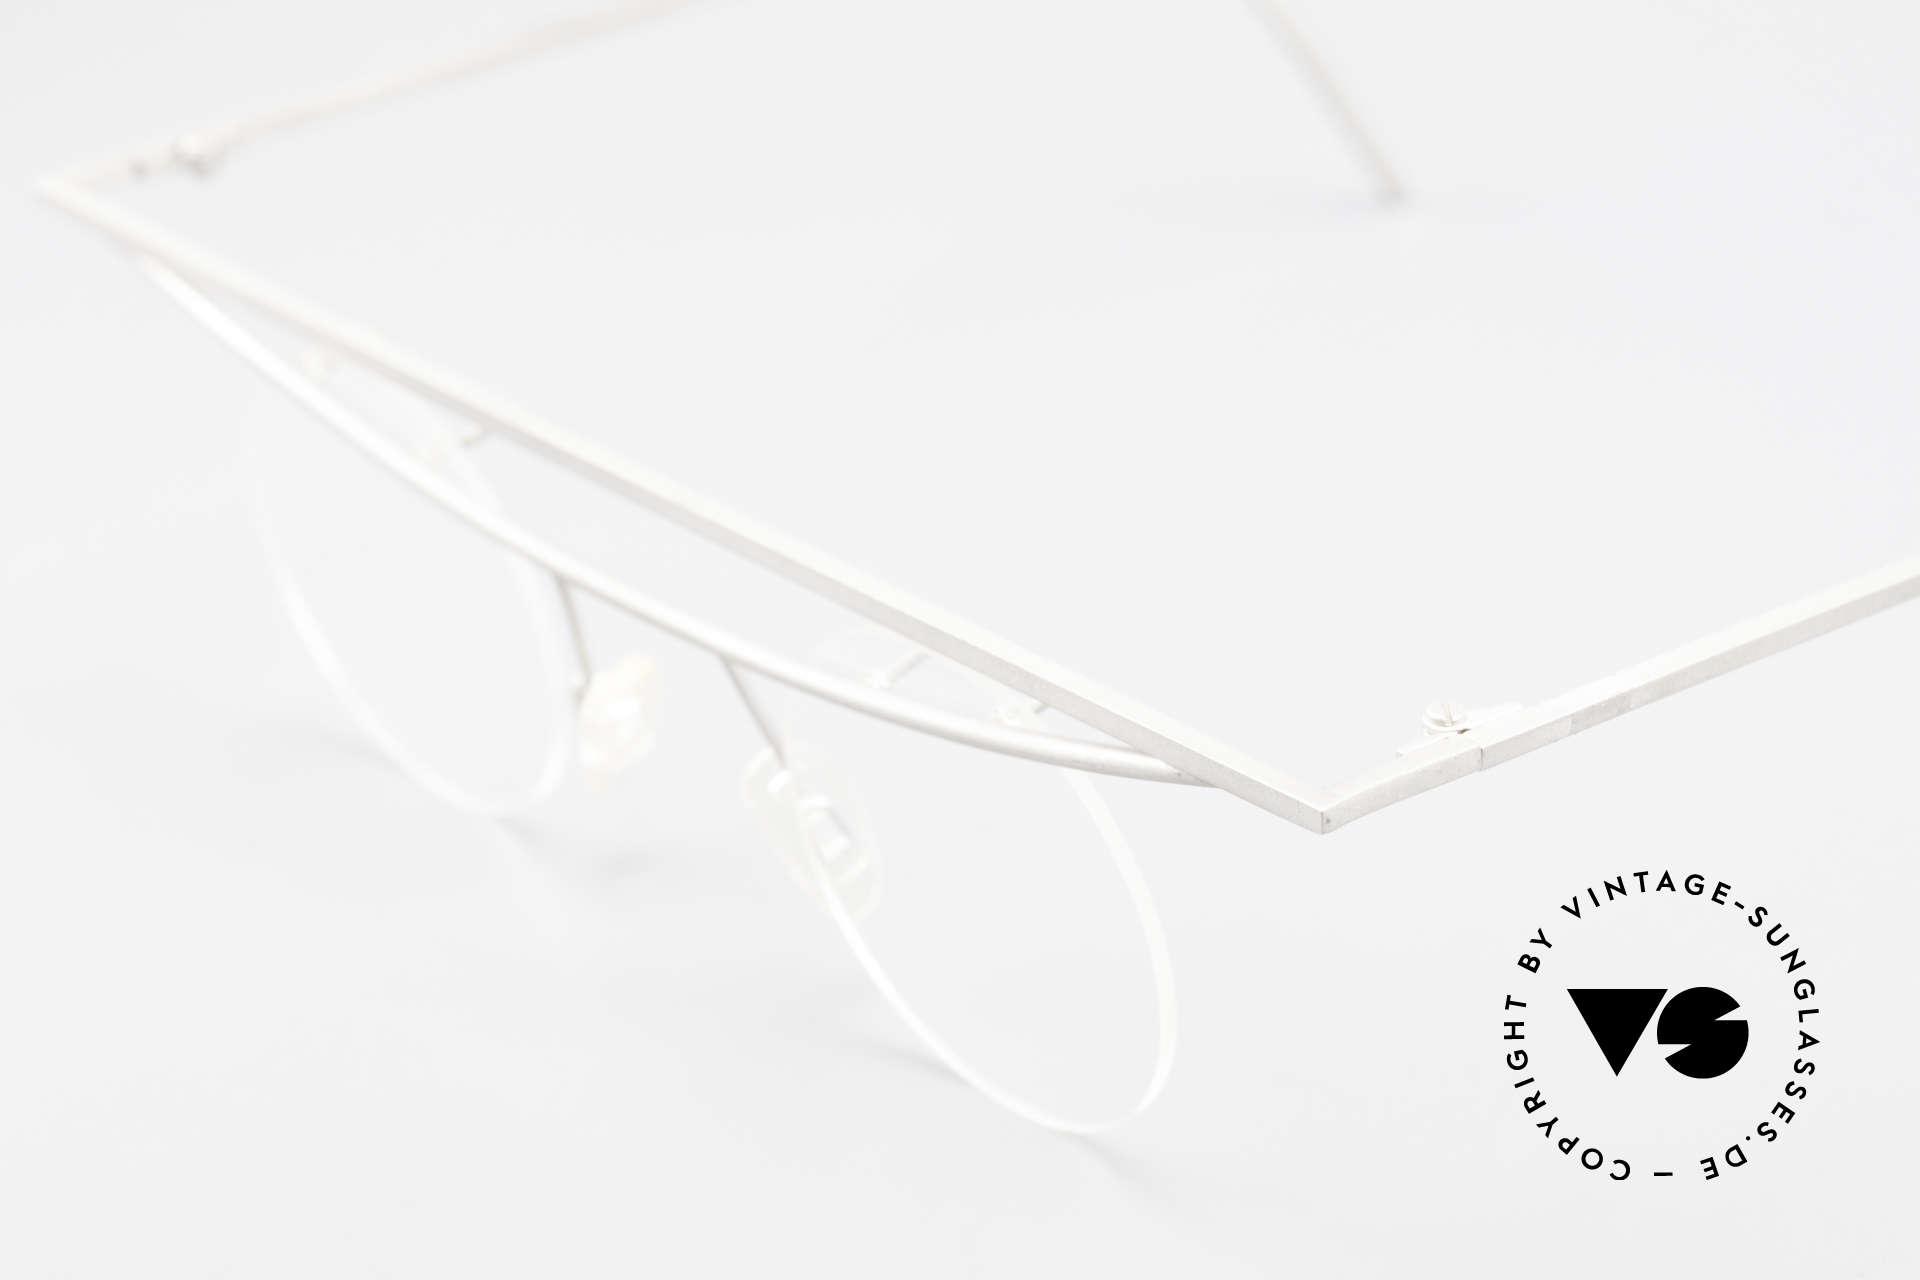 B. Angeletti Cesna Vintage Architekten Brille XL, absolute Rarität in Handarbeit gefertigt; Sammlerstück!, Passend für Herren und Damen